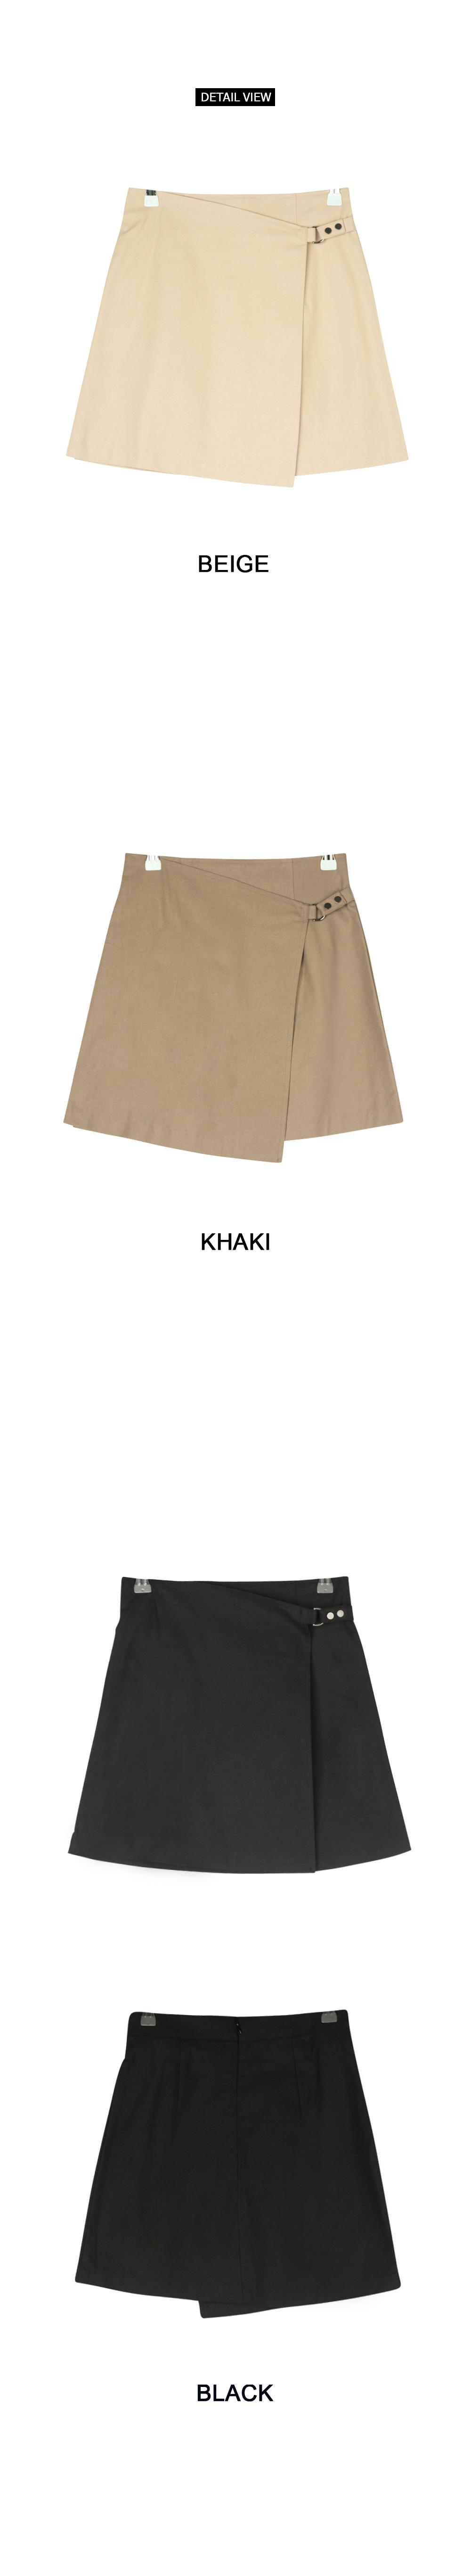 Olly Belt Wrap Skirt